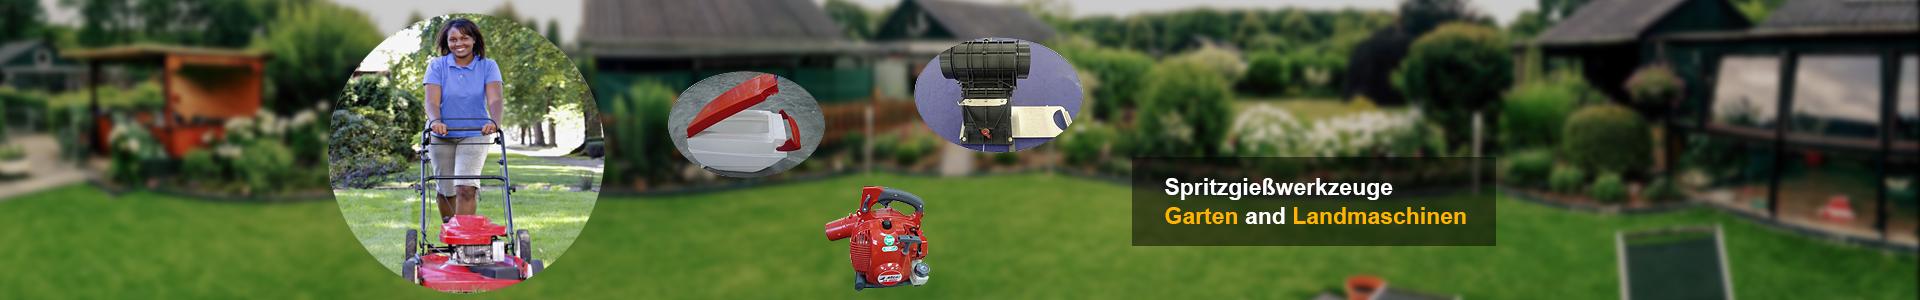 Spritzgießwerkzeuge Garten und Landmaschinen